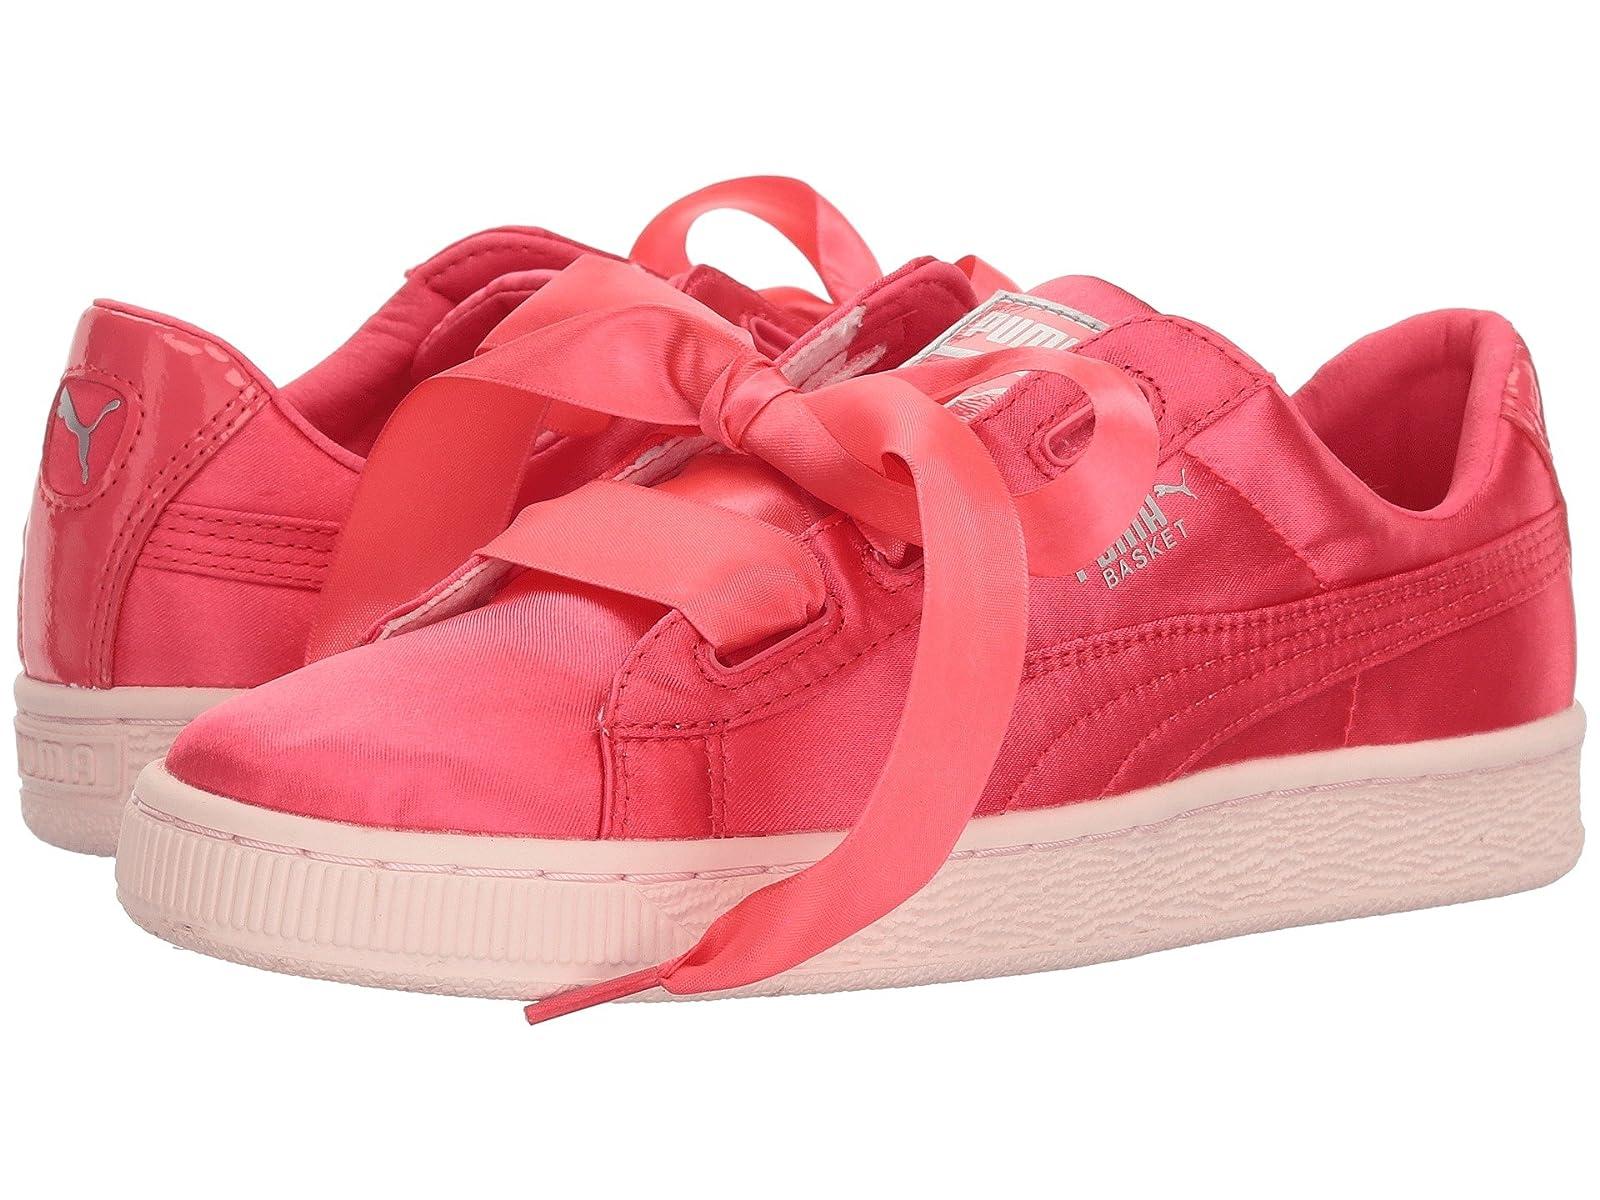 Puma Kids Basket Heart Tween Jr (Big Kid)Atmospheric grades have affordable shoes